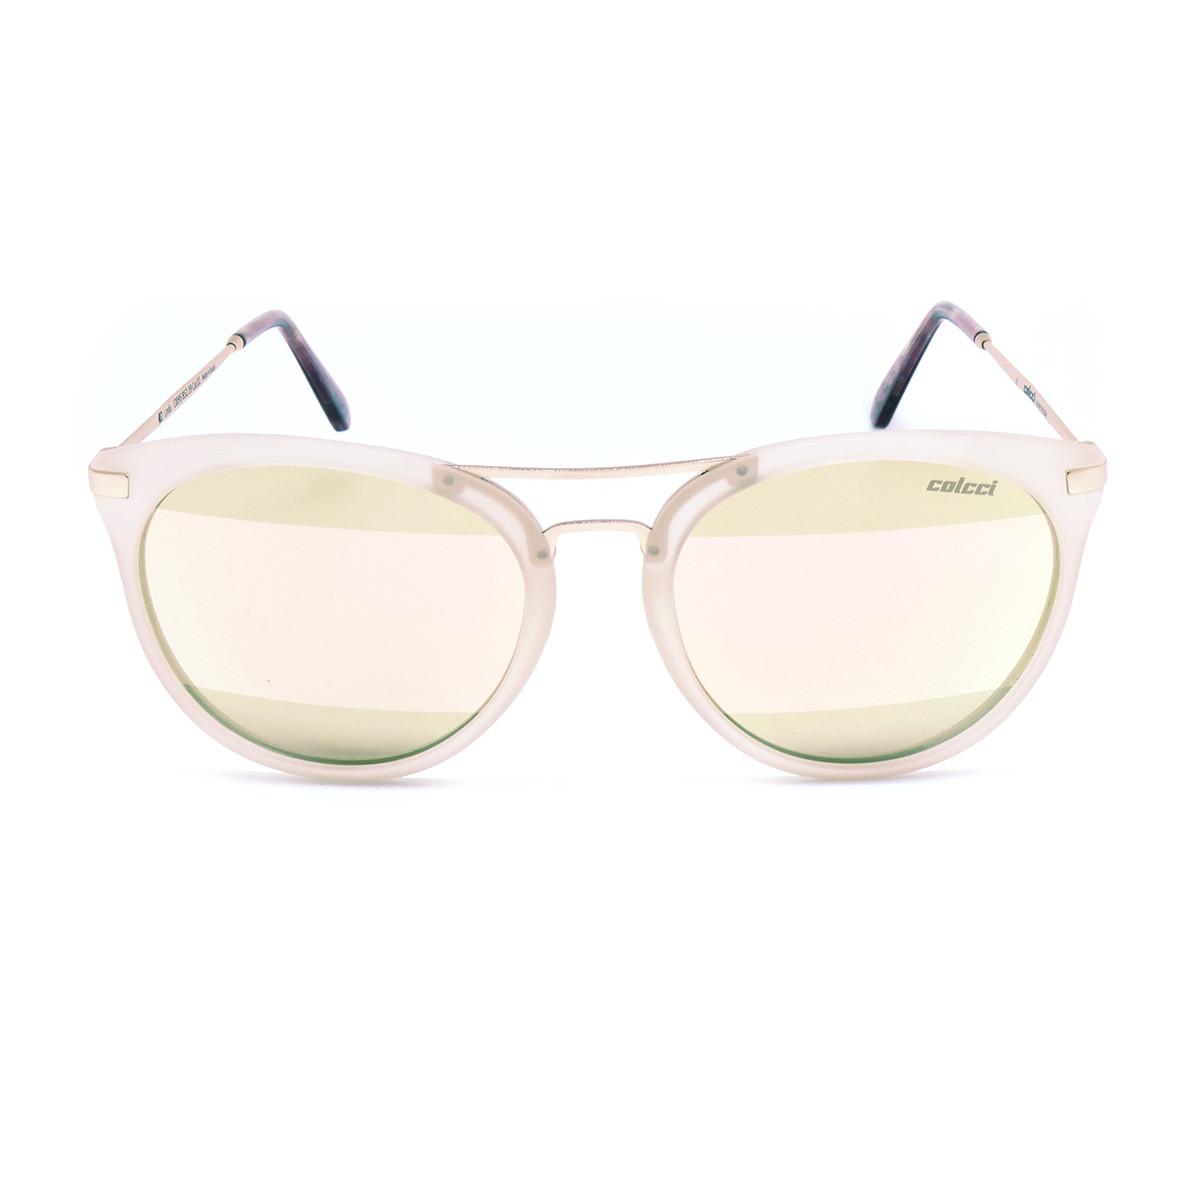 1a7b7252dcb9e Agora apresentando modelos femininos temos esse óculos, vou ser sincera com  vocês eu sou apaixonada por óculos rosa e de gatinho, e esse eu fiquei  encantada ...